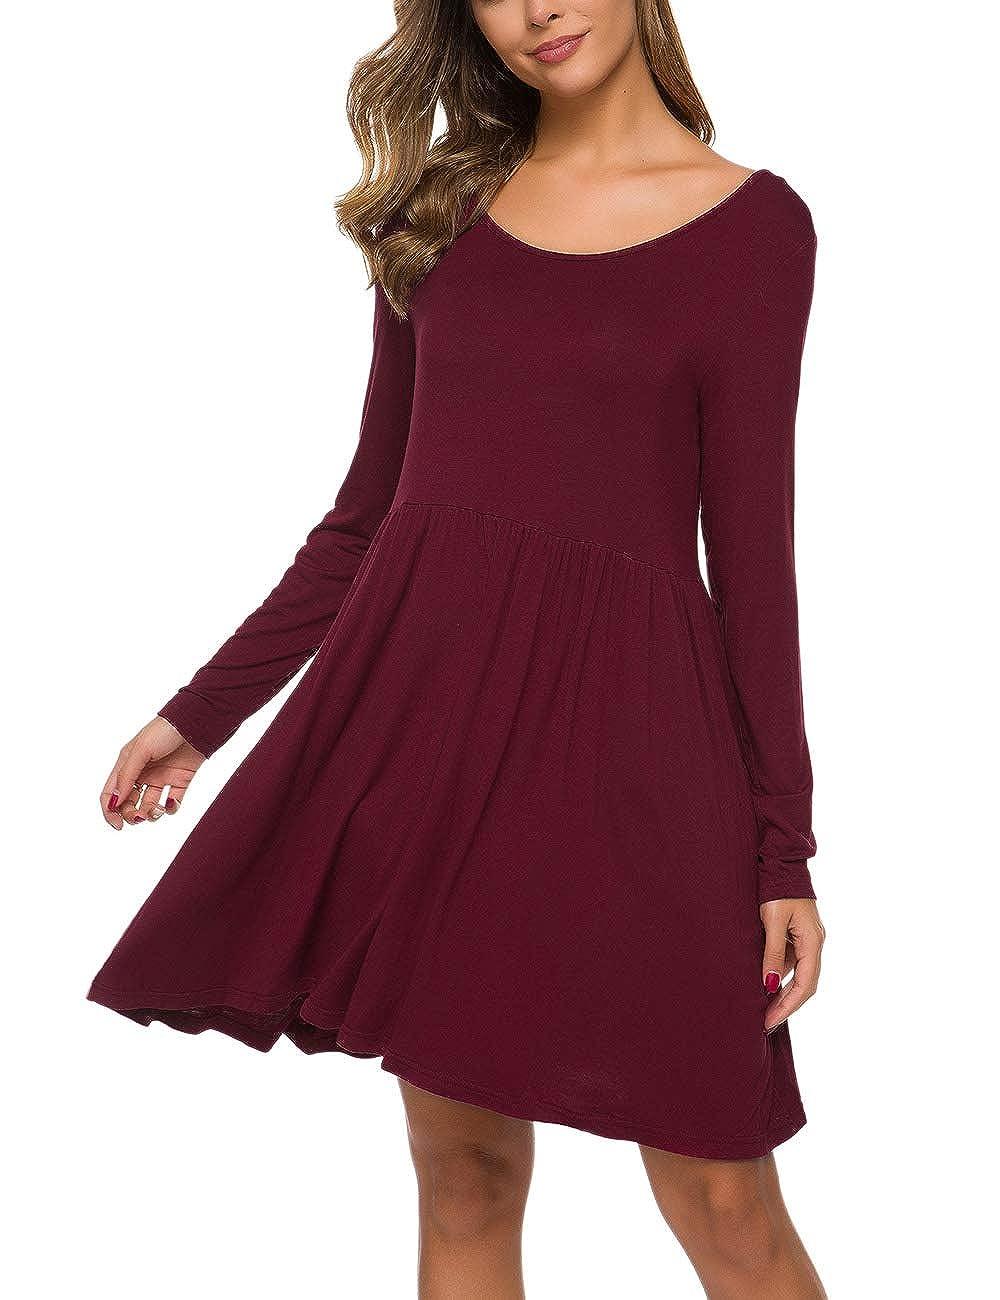 Womens Long Sleeve Loose Maxi Dresses Casual Short Dresses Tunic Dress